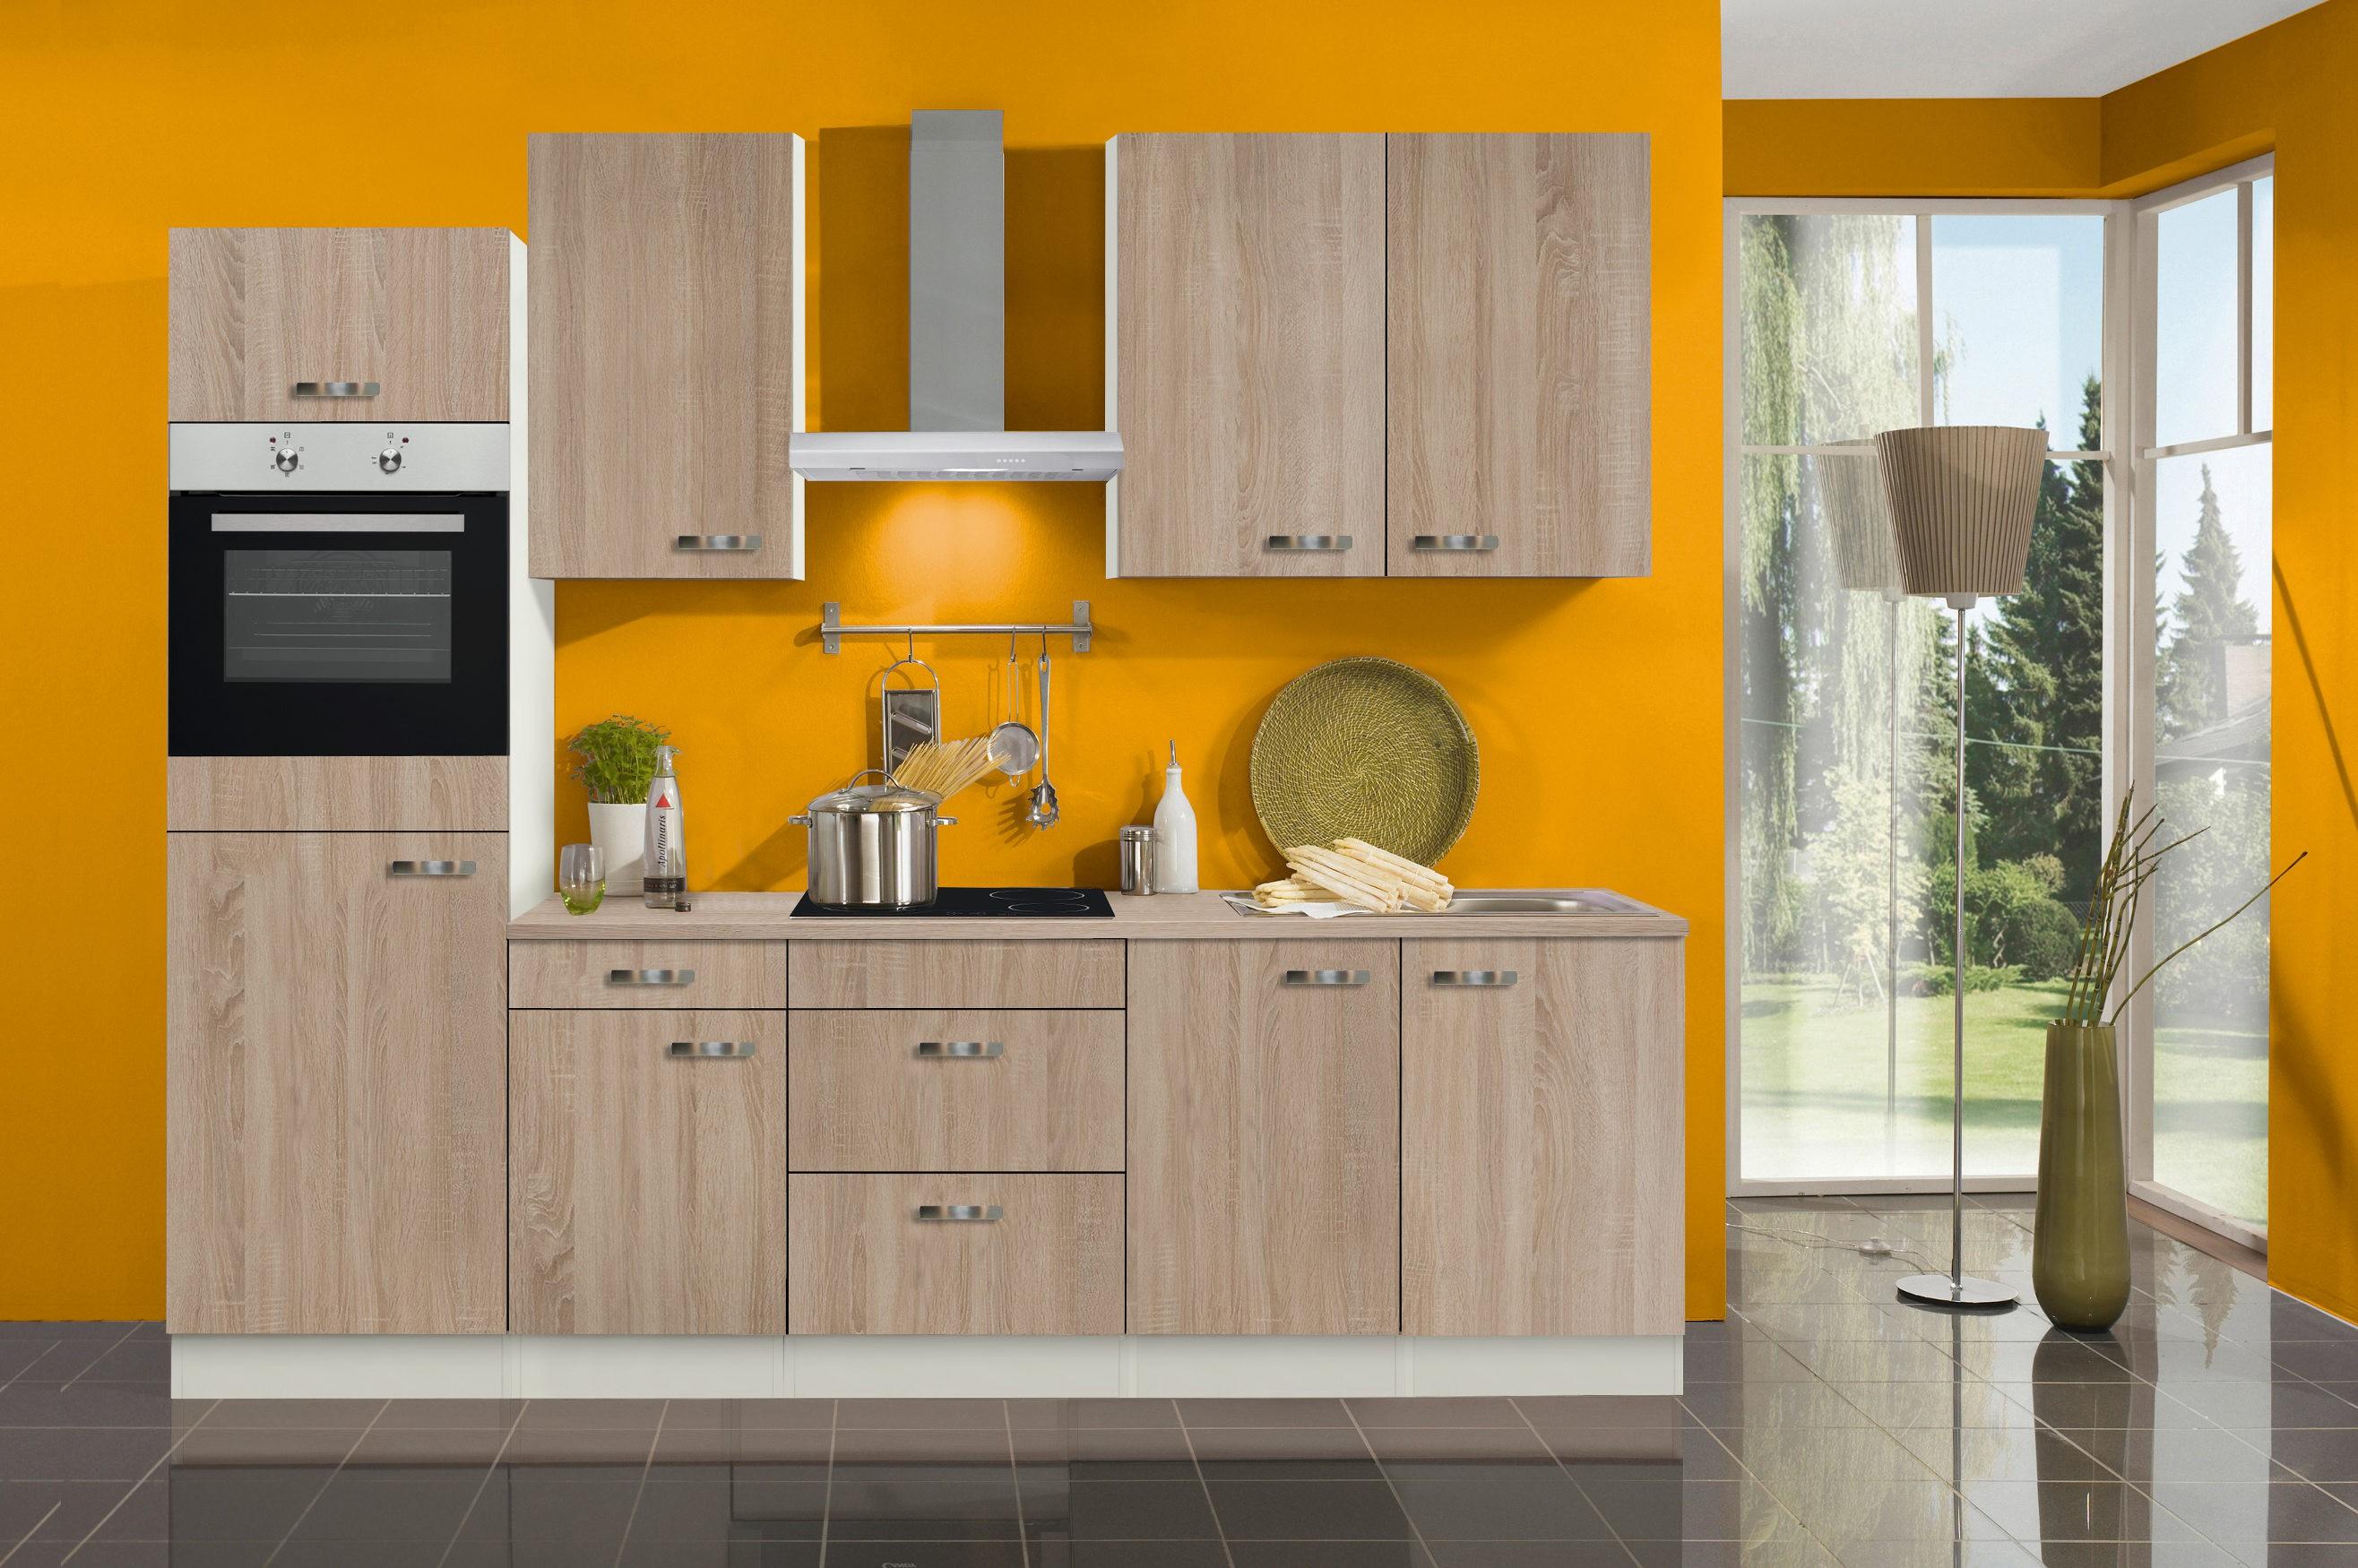 k chenzeile toledo vario 9 k che mit e ger ten breite 270 cm eiche k che k chenzeilen. Black Bedroom Furniture Sets. Home Design Ideas